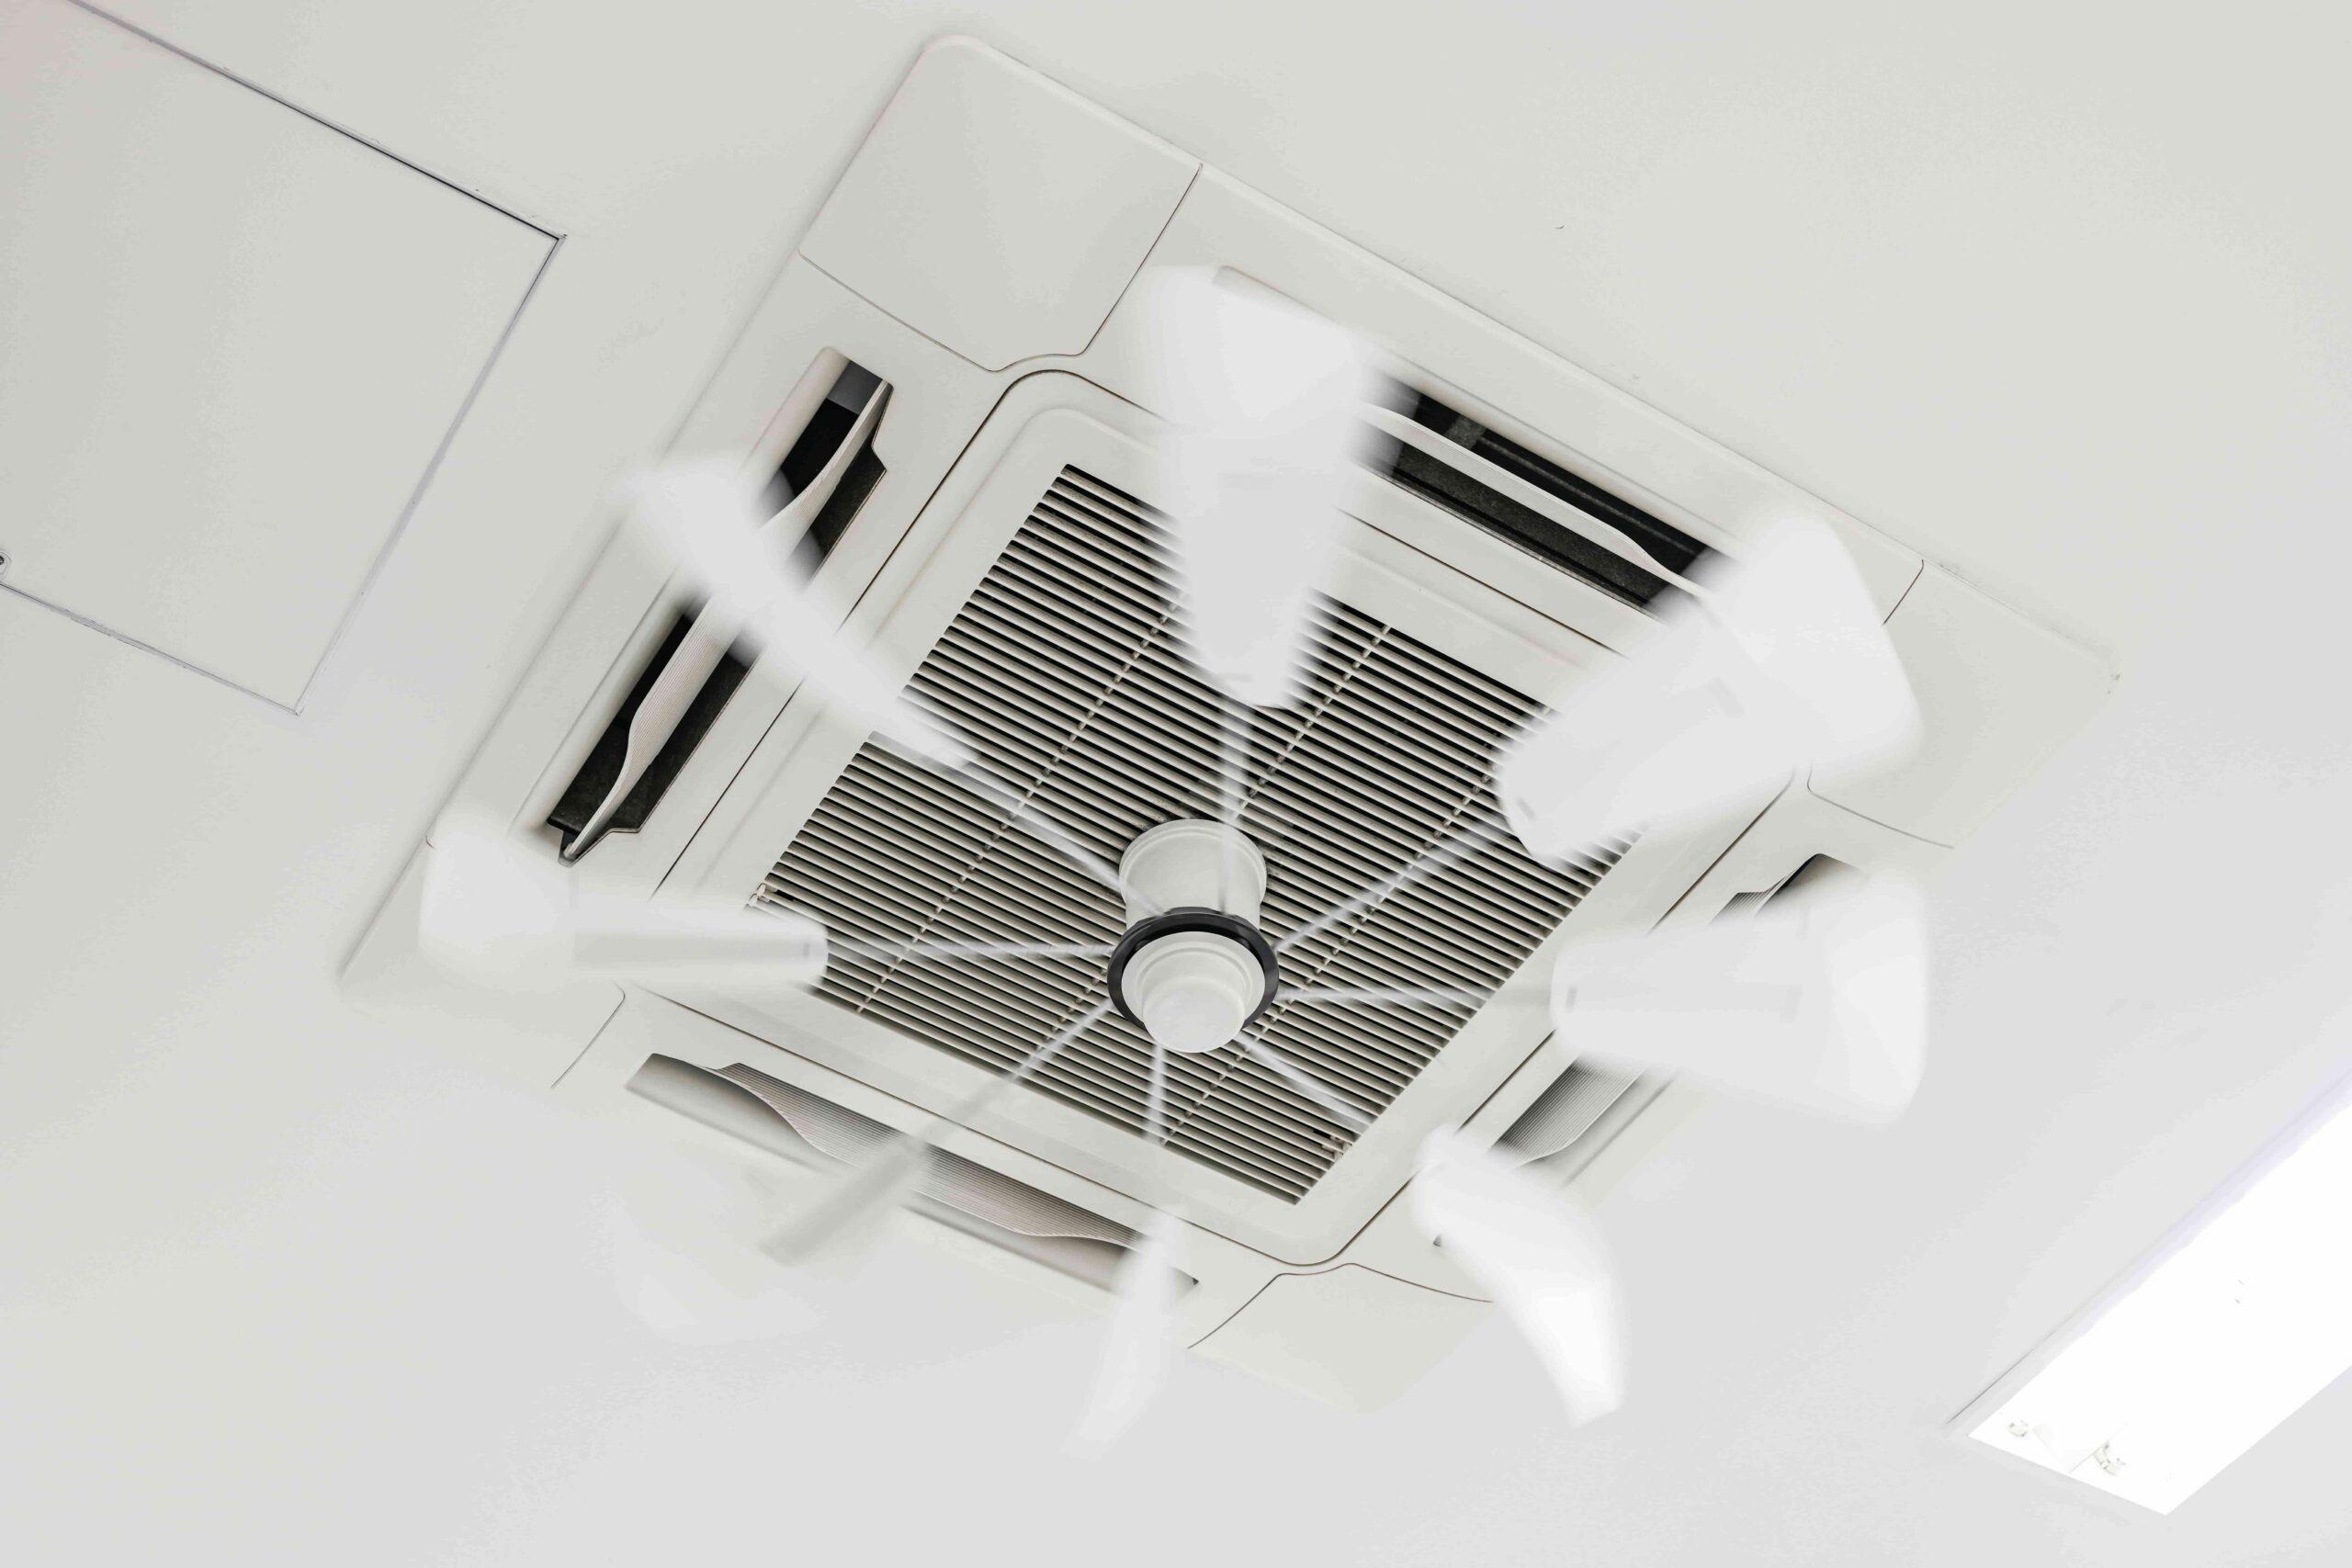 業務用エアコンの電気代どうして高くなるの?